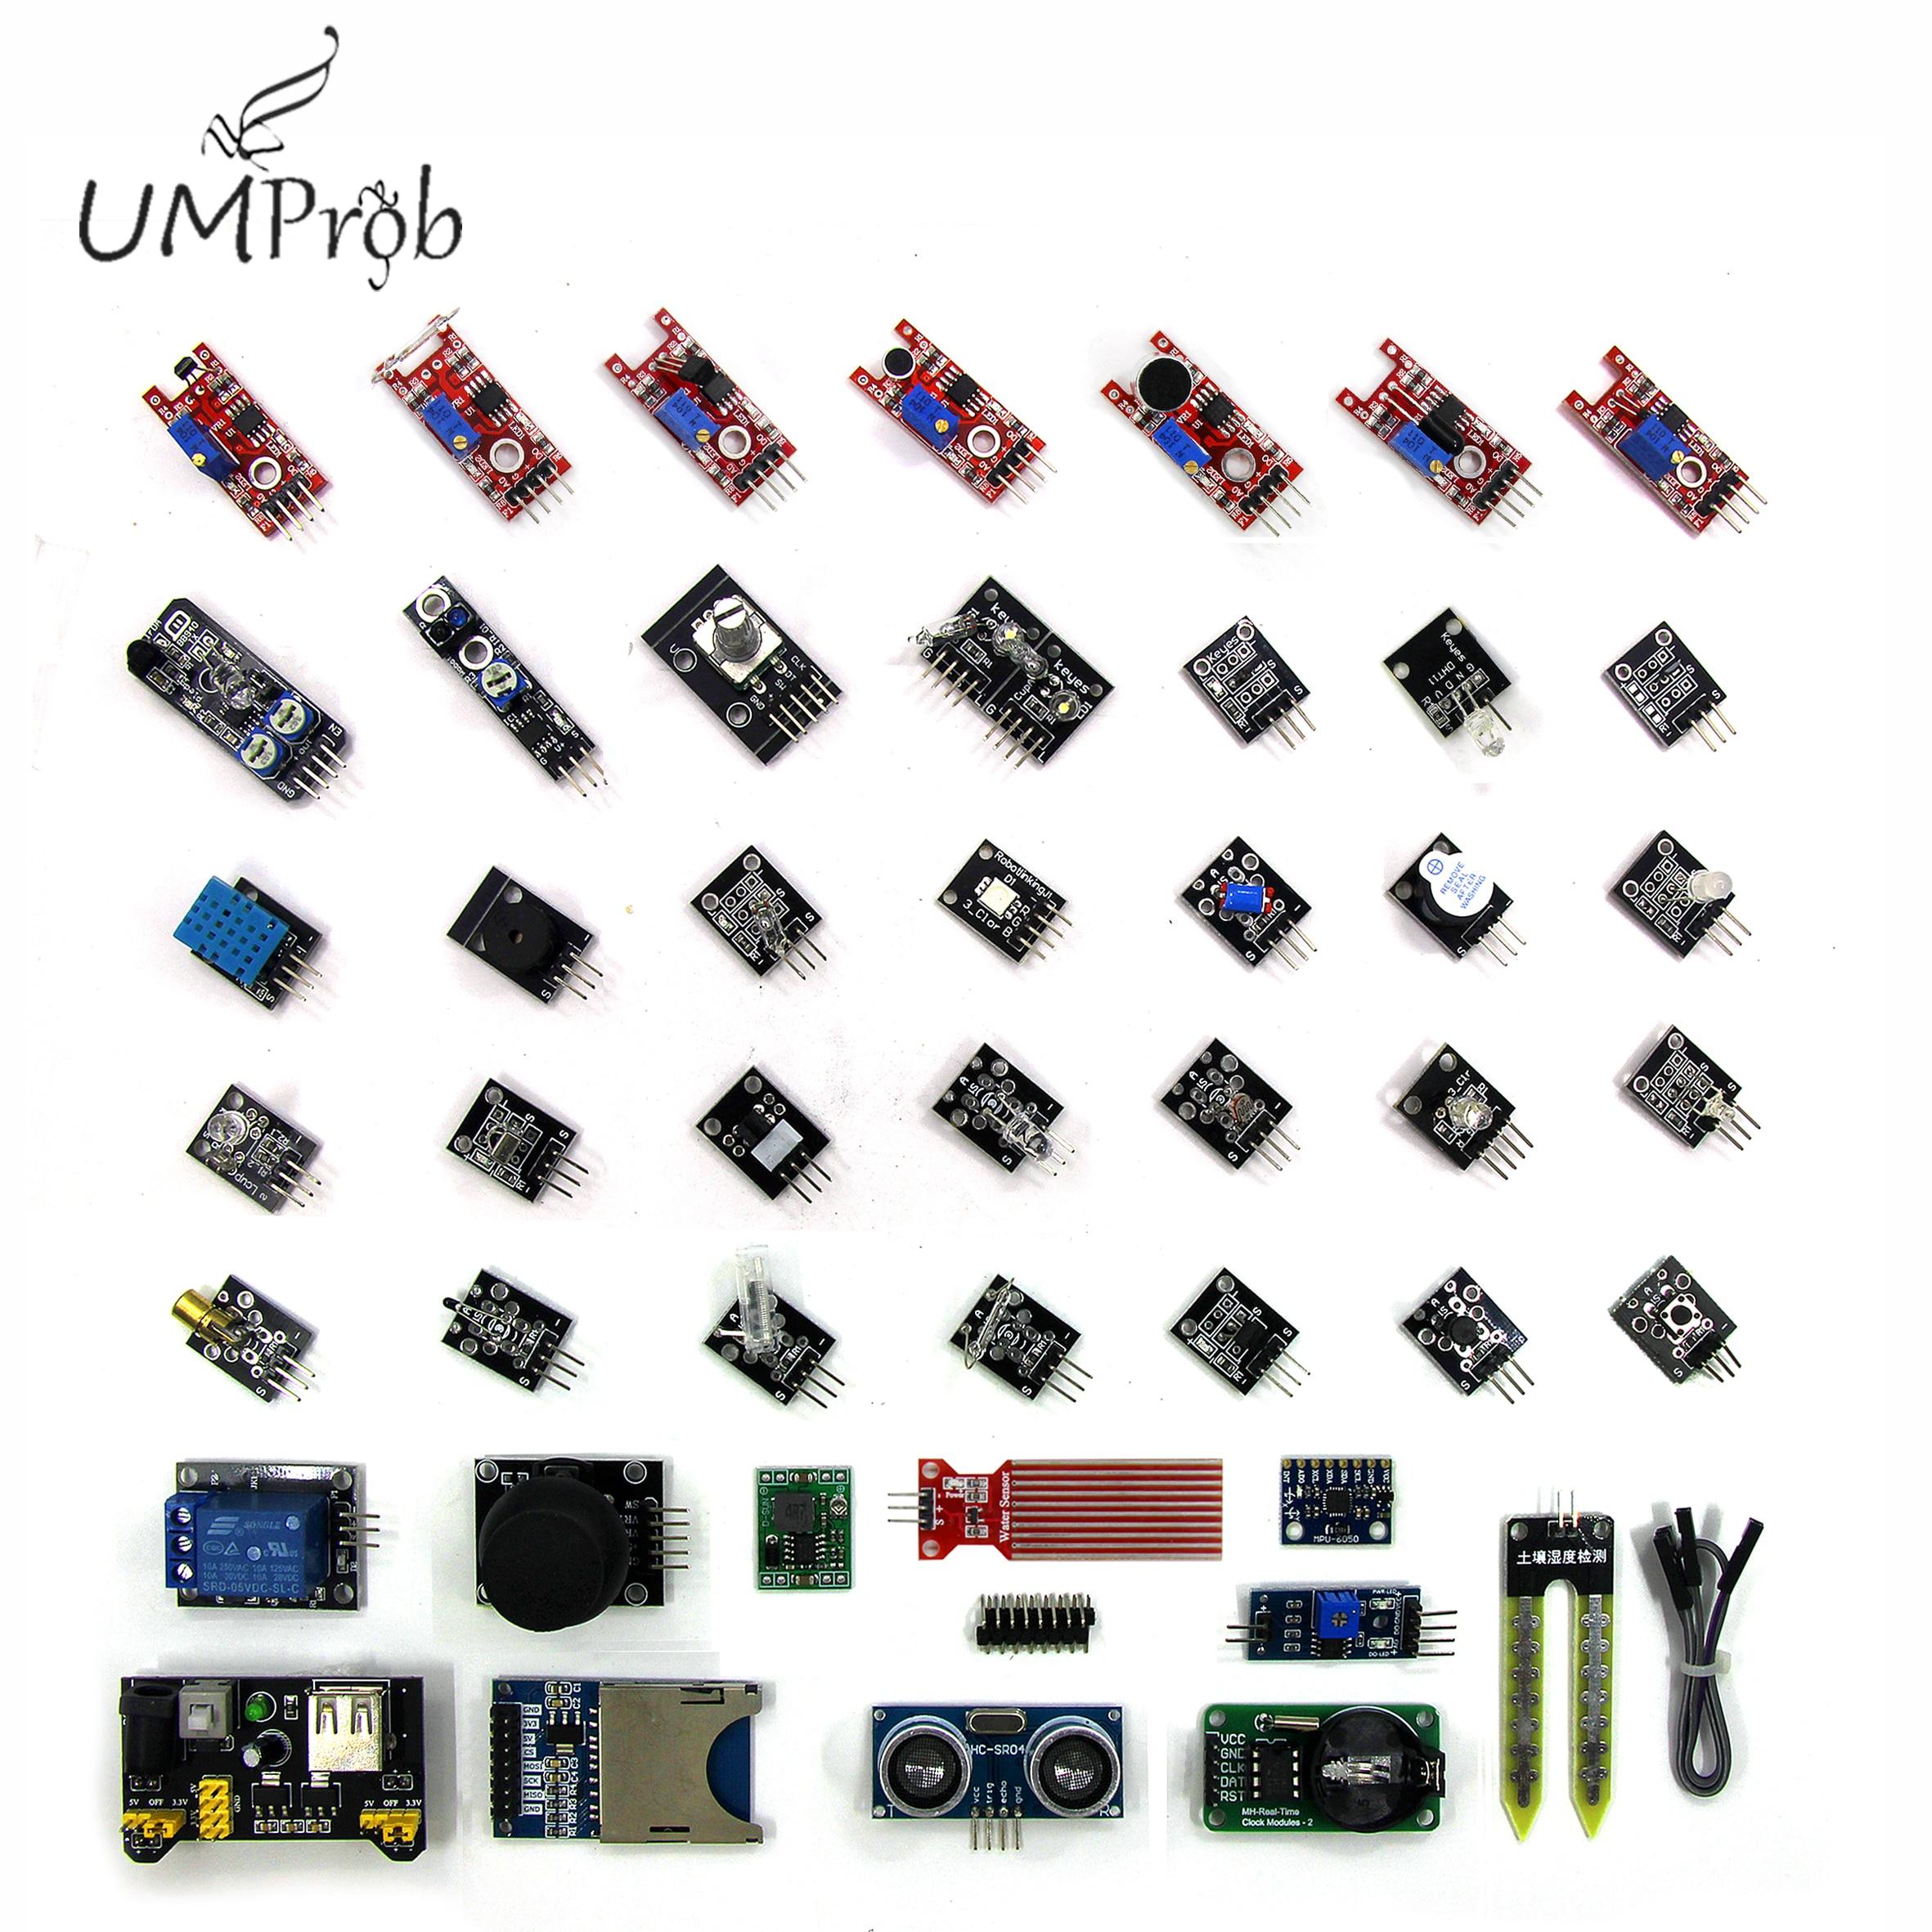 45 em Módulos de Sensores 1 Starter Kit para arduino, melhor do que o Kit Sensor de sensor kit 37 em 1 37in1